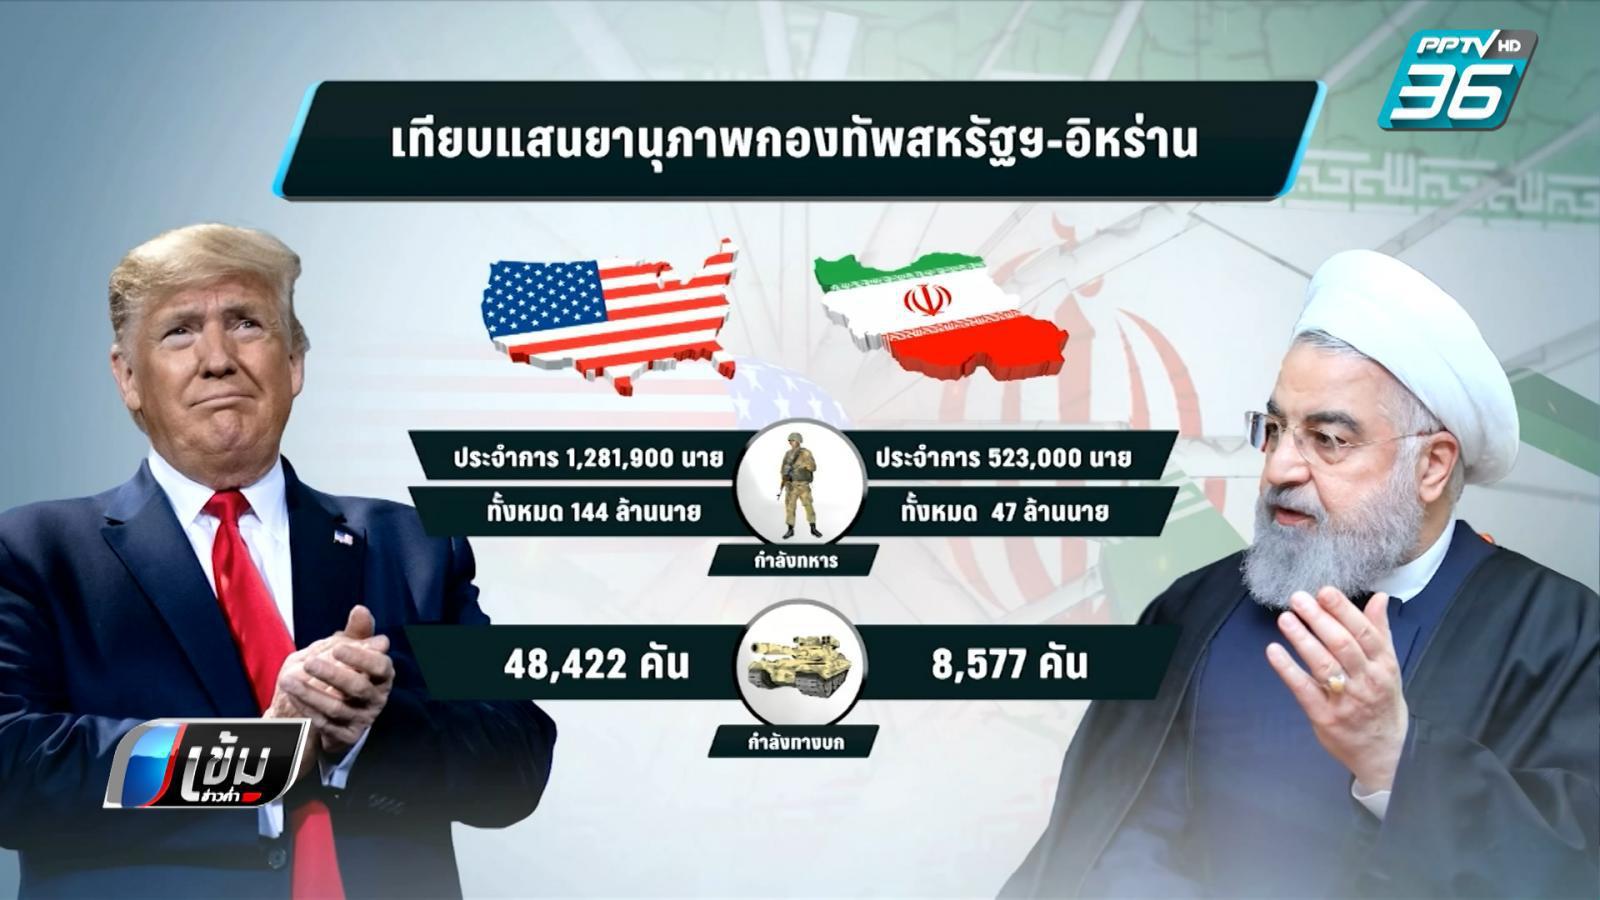 """เทียบแสนยานุภาพกองทัพ """"สหรัฐฯ-อิหร่าน"""""""